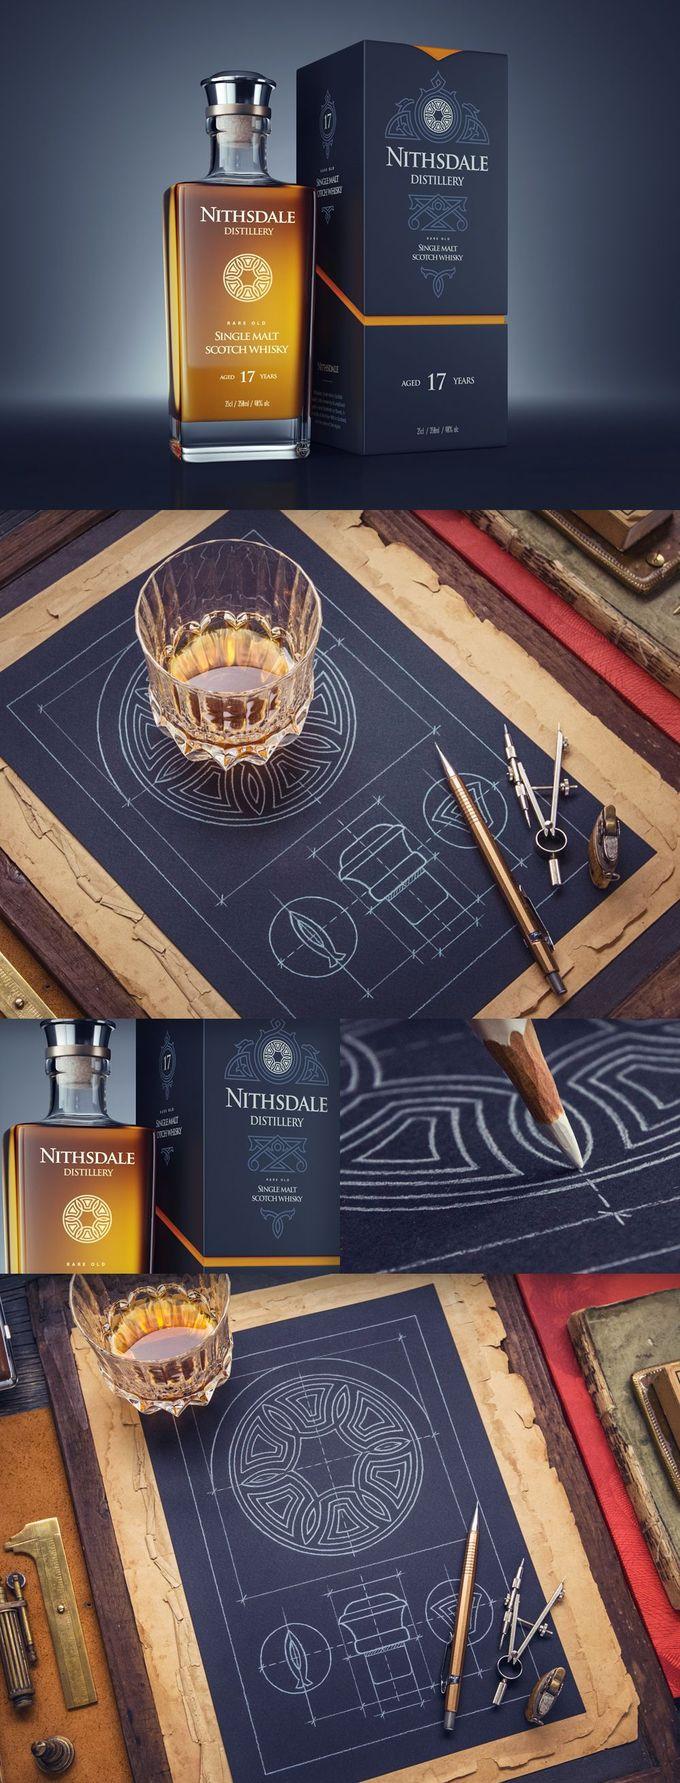 品牌与包装:捷克共和国Mike Prague的Behance黑色版